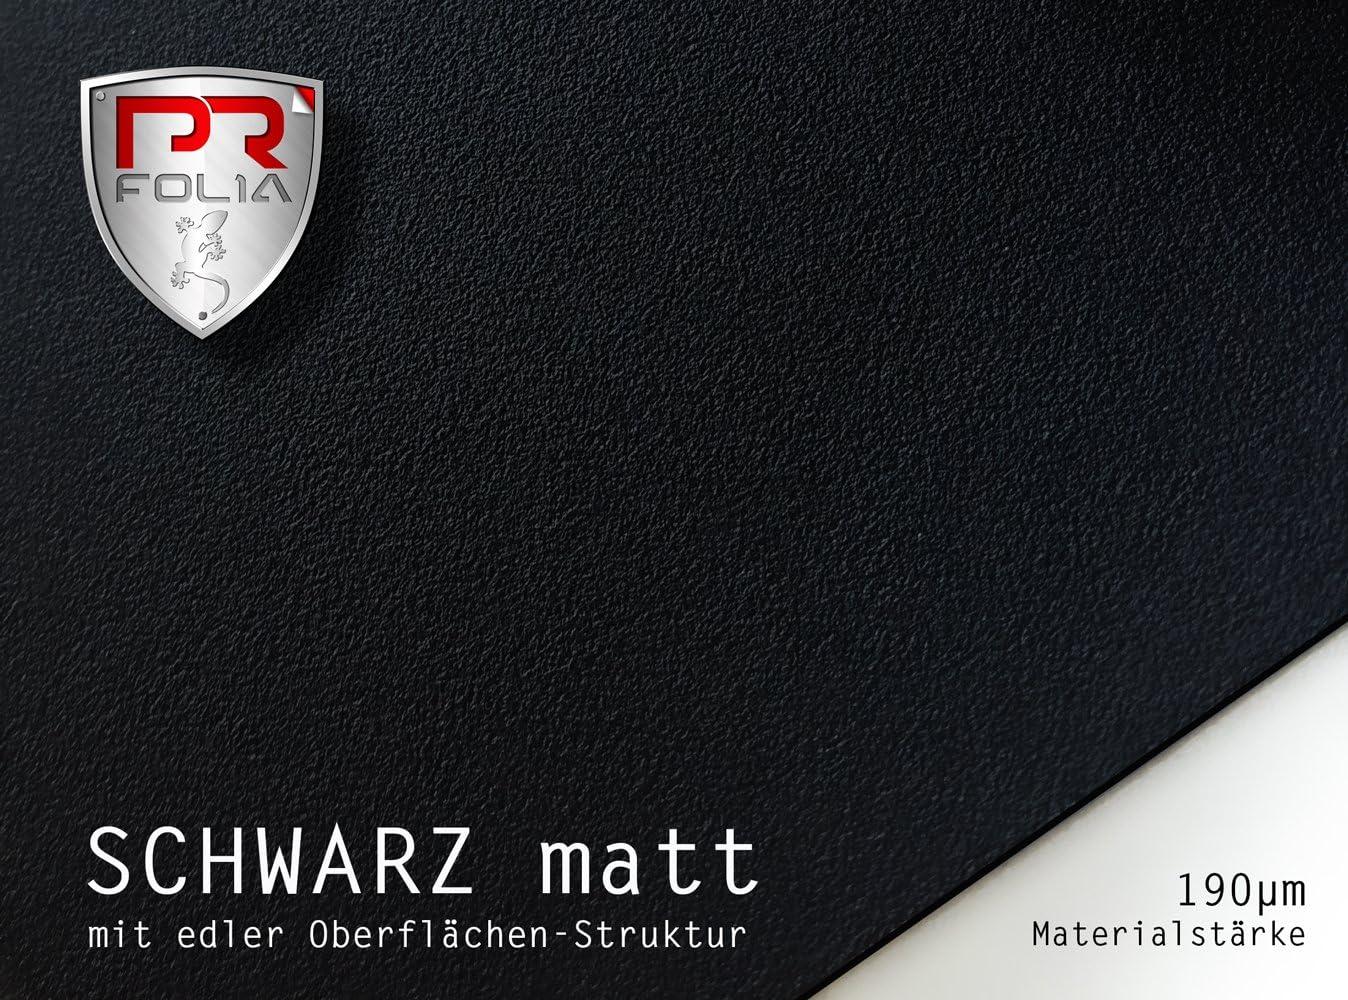 PR-Folia Ladekantenschutz f/ür Tipo//Aegea Kombi passend Lackschutzfolie Schutzfolie Autofolie Auto Lackschutz Sto/ßstangenschutz Folie SCHWARZ Typ 356 ab Bj.2016